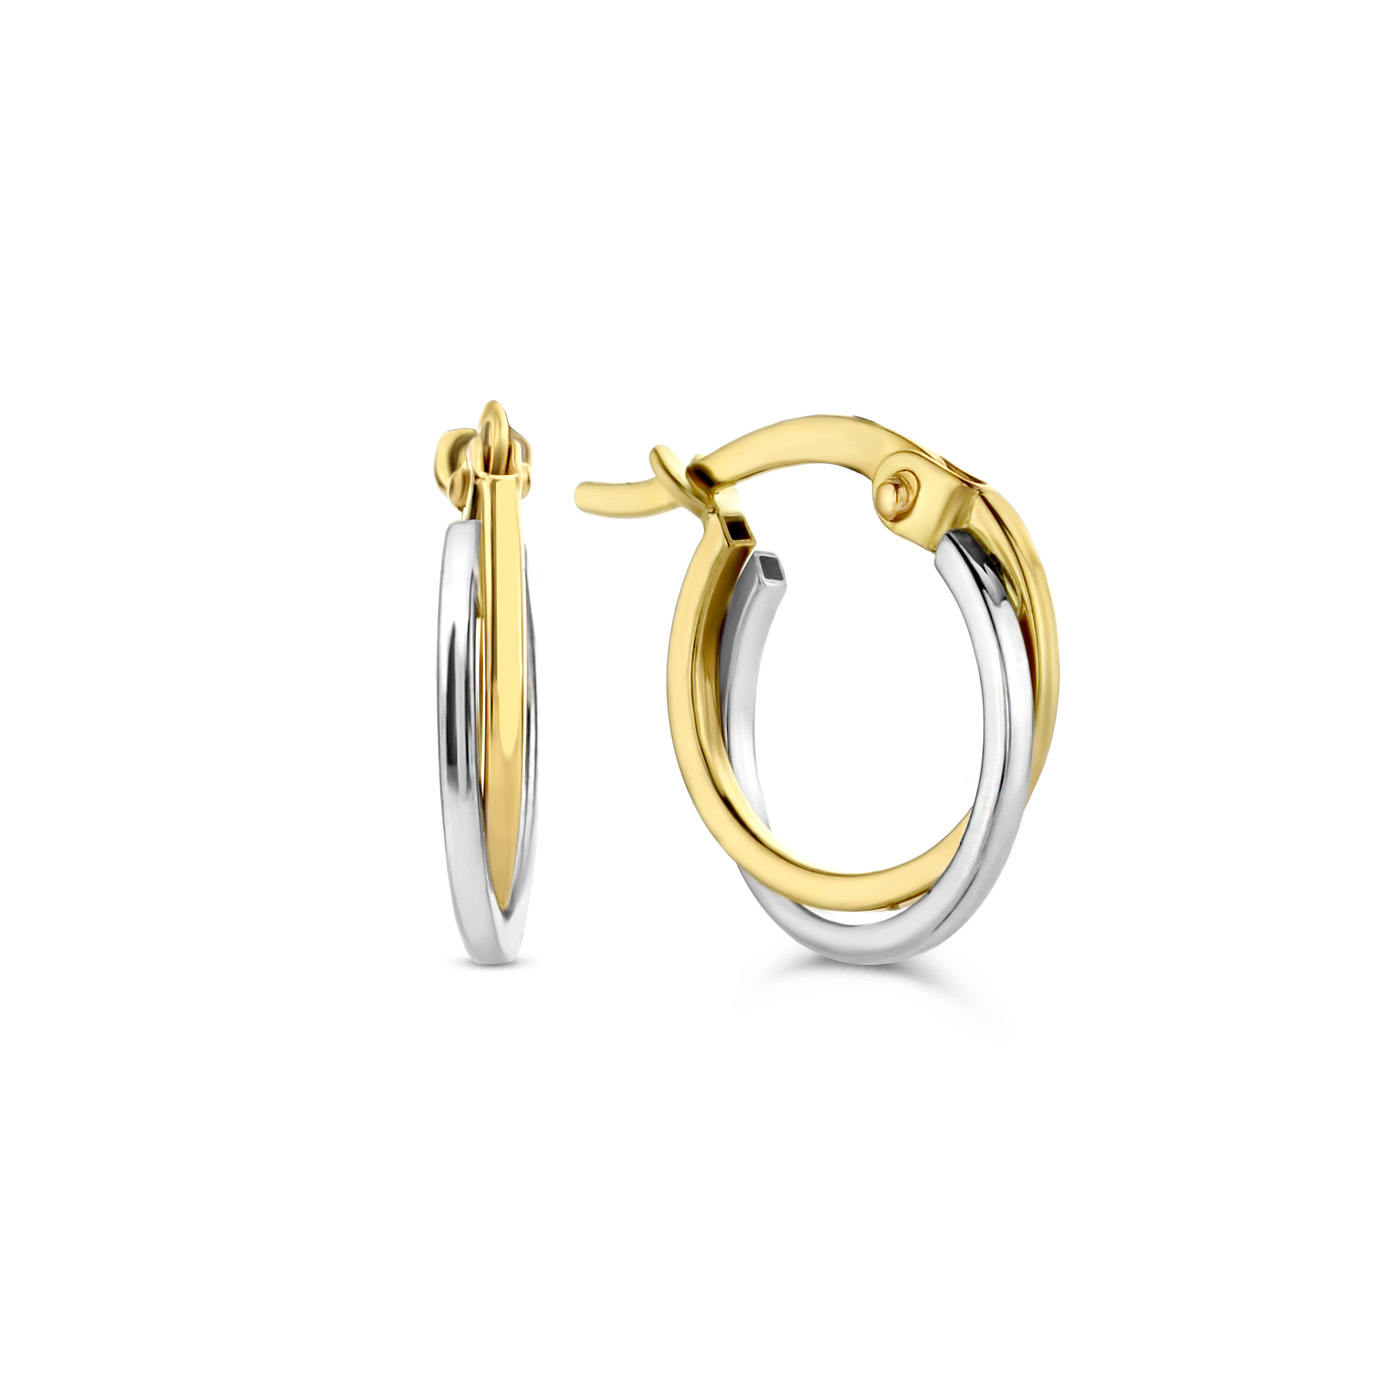 Isabel Bernard Le Marais Adame 14 karaat gouden creolen ringen